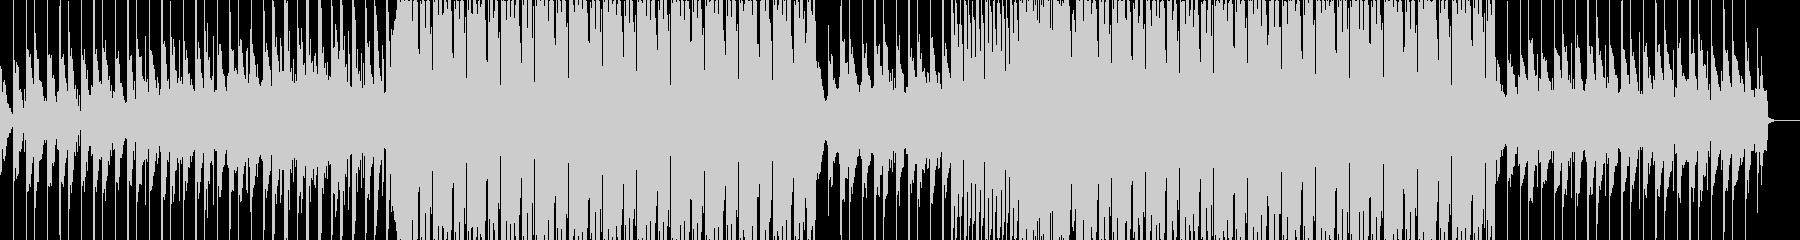 Future Bass 1の未再生の波形